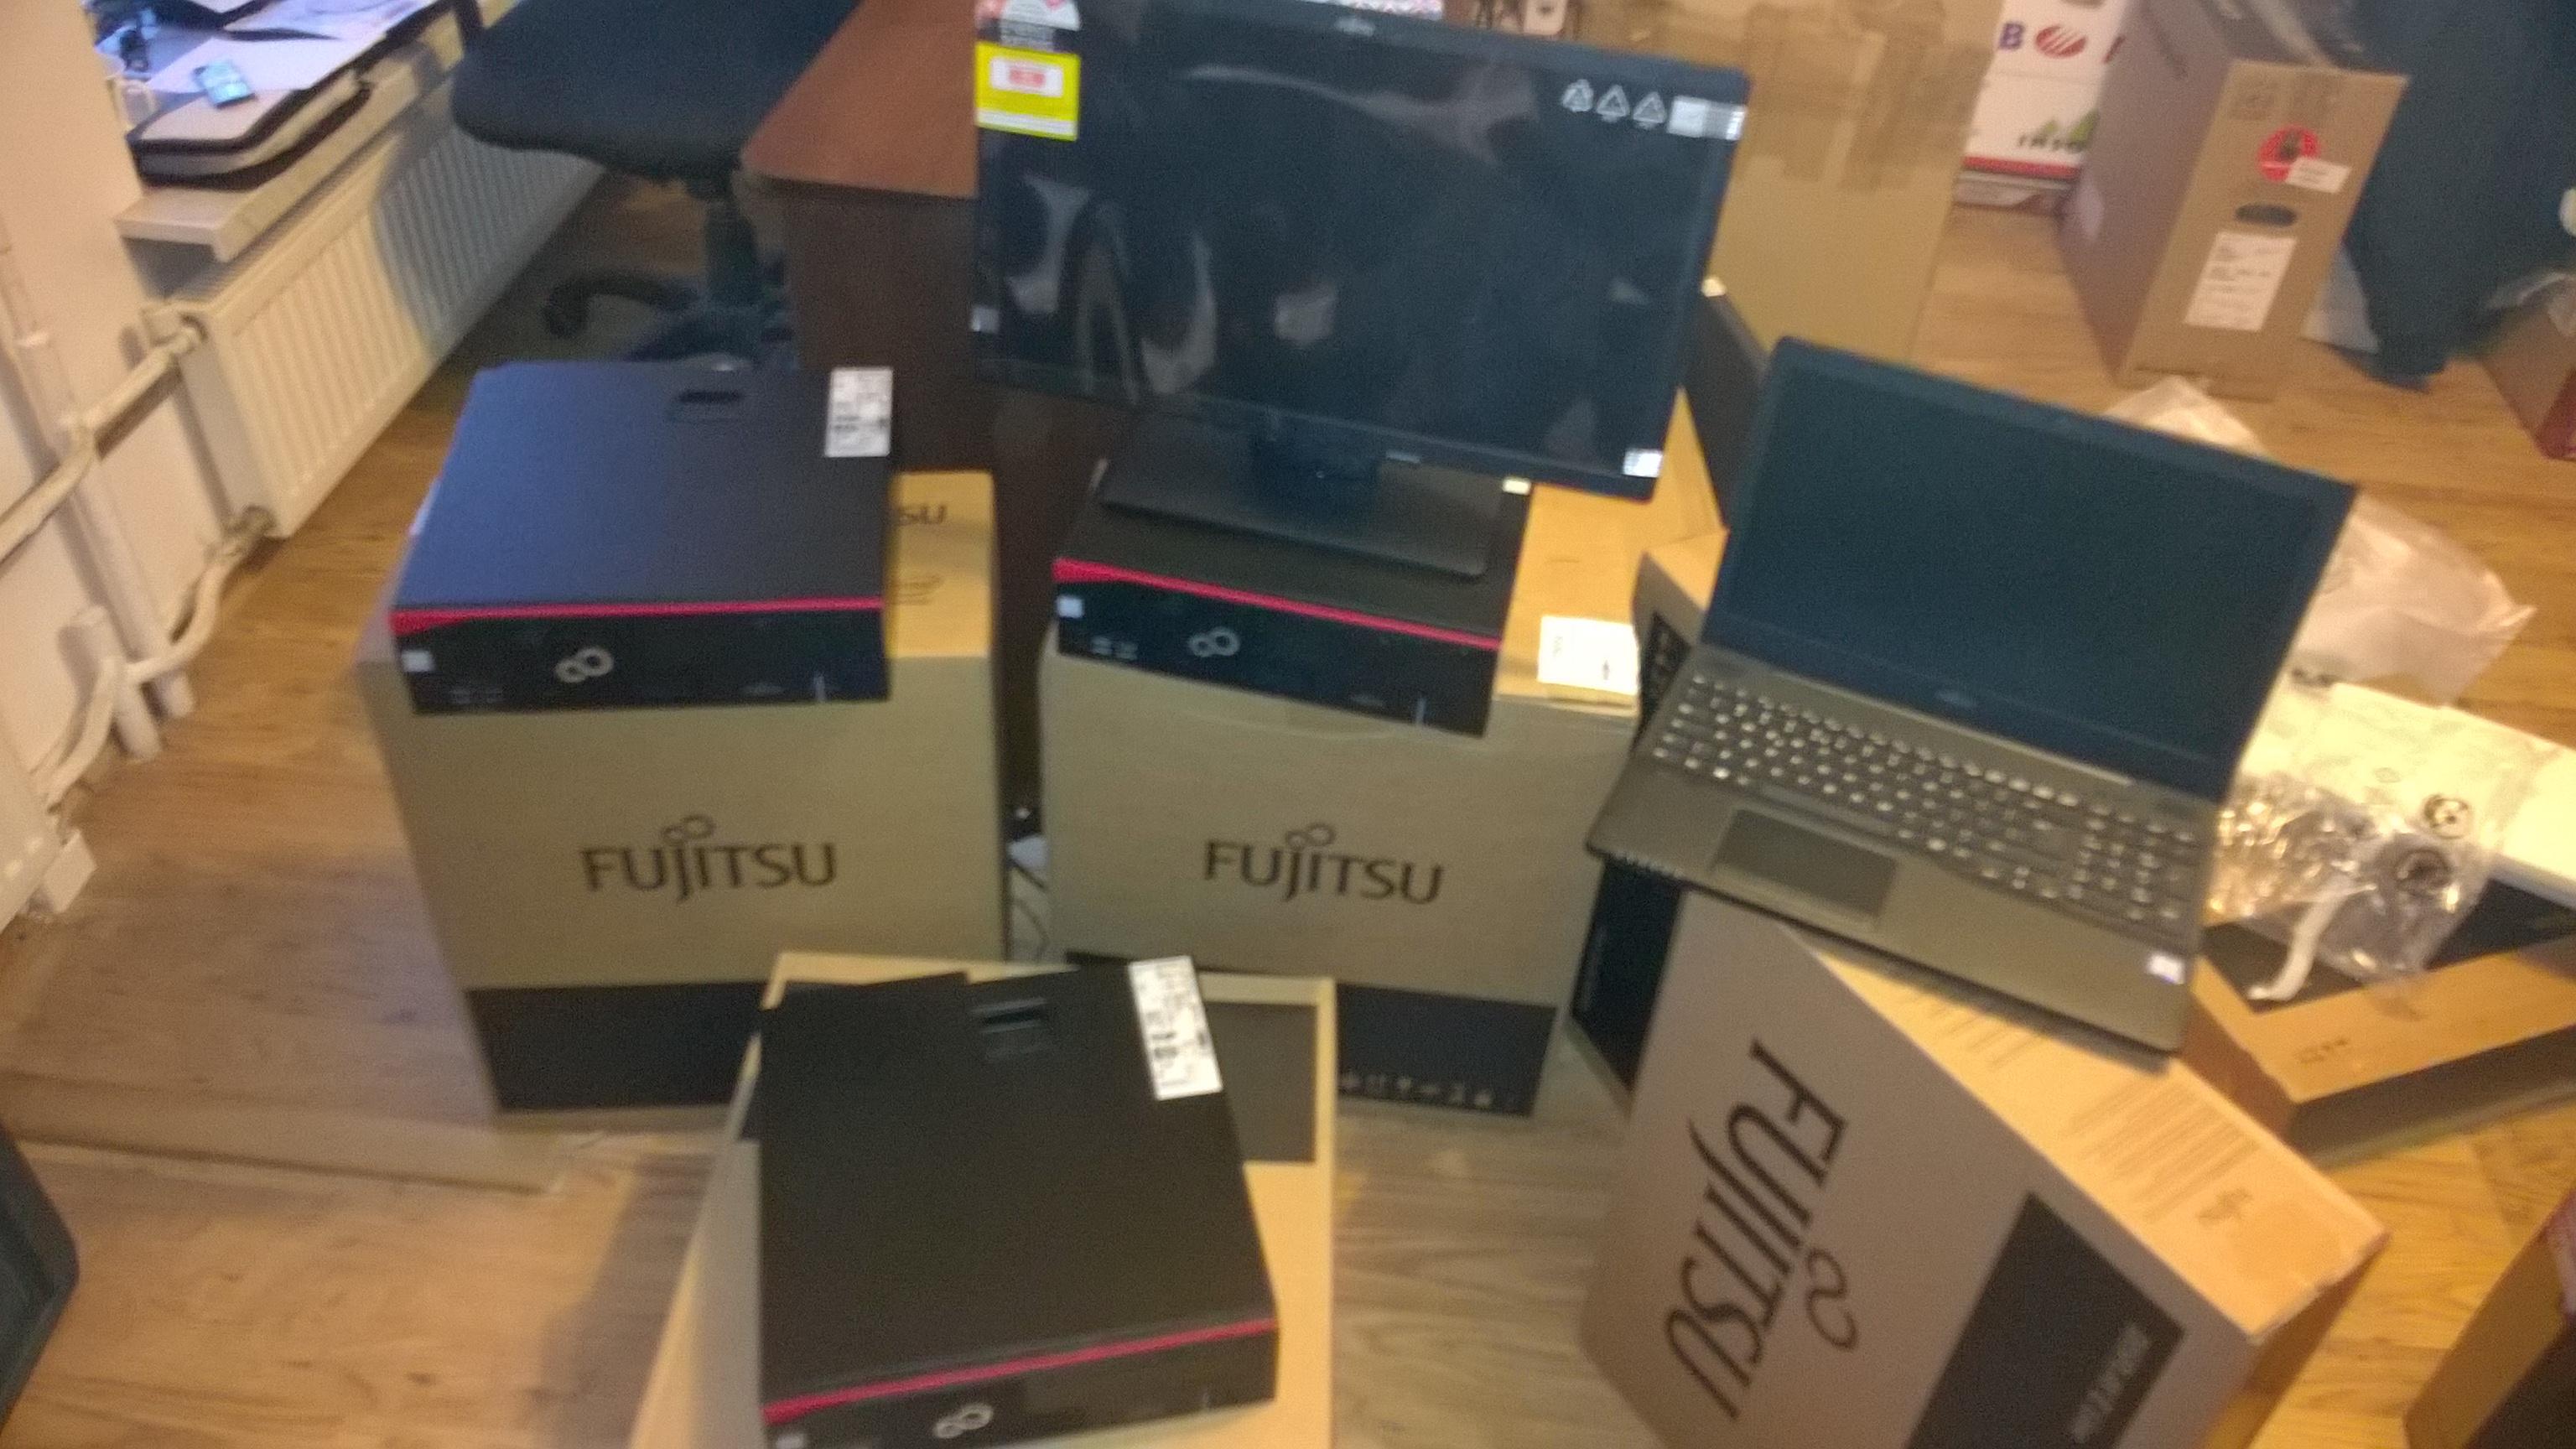 Profesjonalne urządzenia Fujitsu doskonale sprawdzające się we wszystkich warunkach dzisiejszego biznesu. Sprawdzone funkcje biznesowe wzbogacone o nowe technologie gwarantują efektywność pracy. Fujitsu sprawi, że Twoje miejsce pracy będzie bezpieczne i nowoczesne.